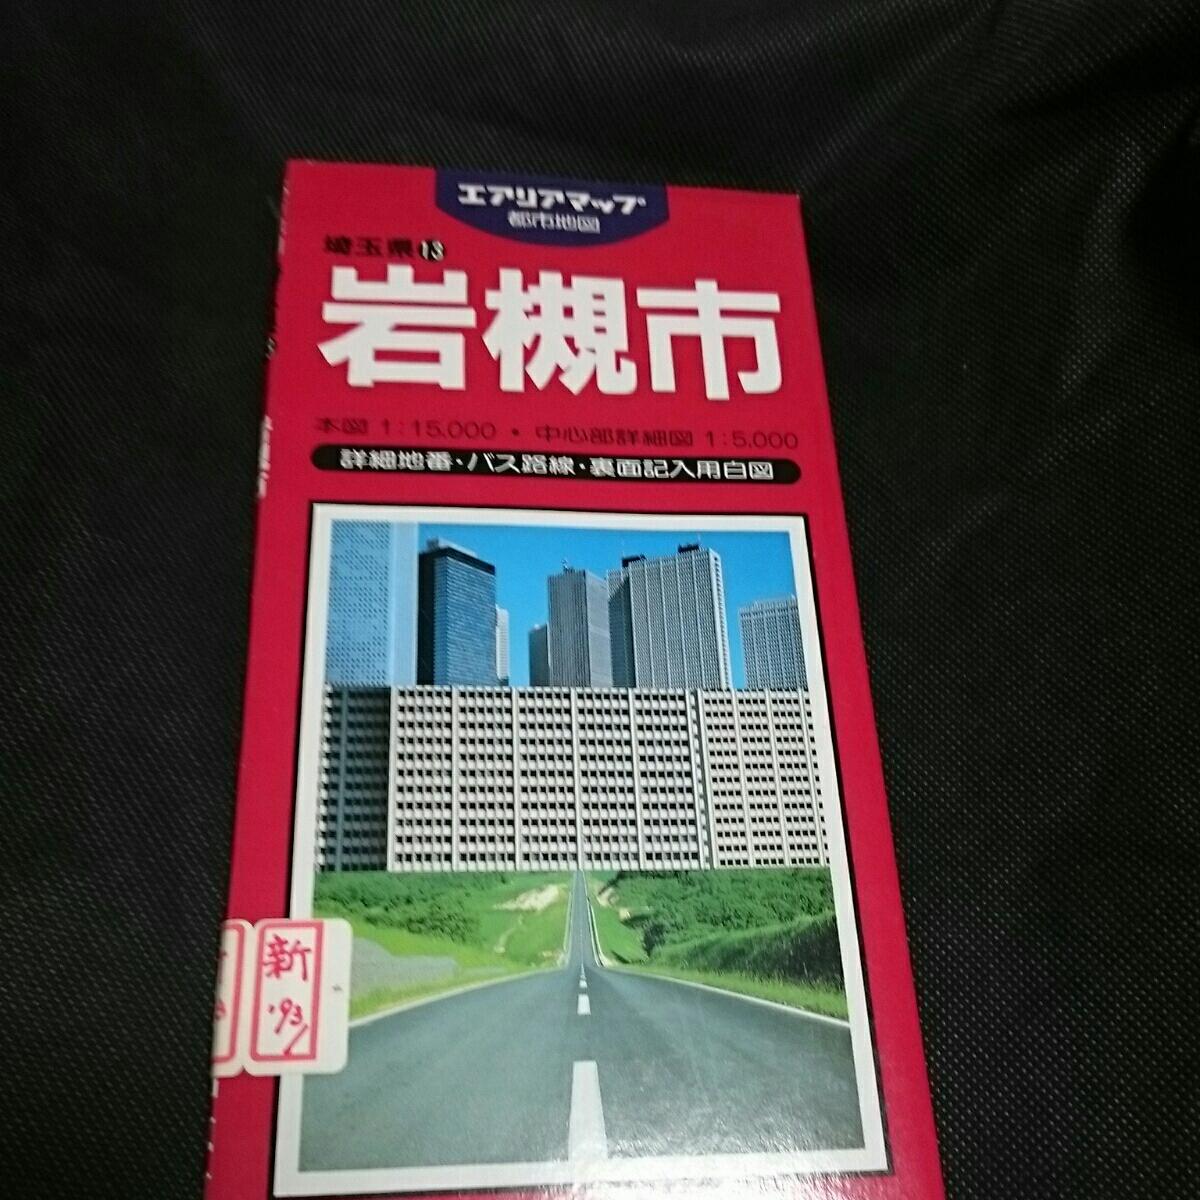 『エアリアマップ昭文社岩槻市』4点送料無料古い地図多数出品_画像1